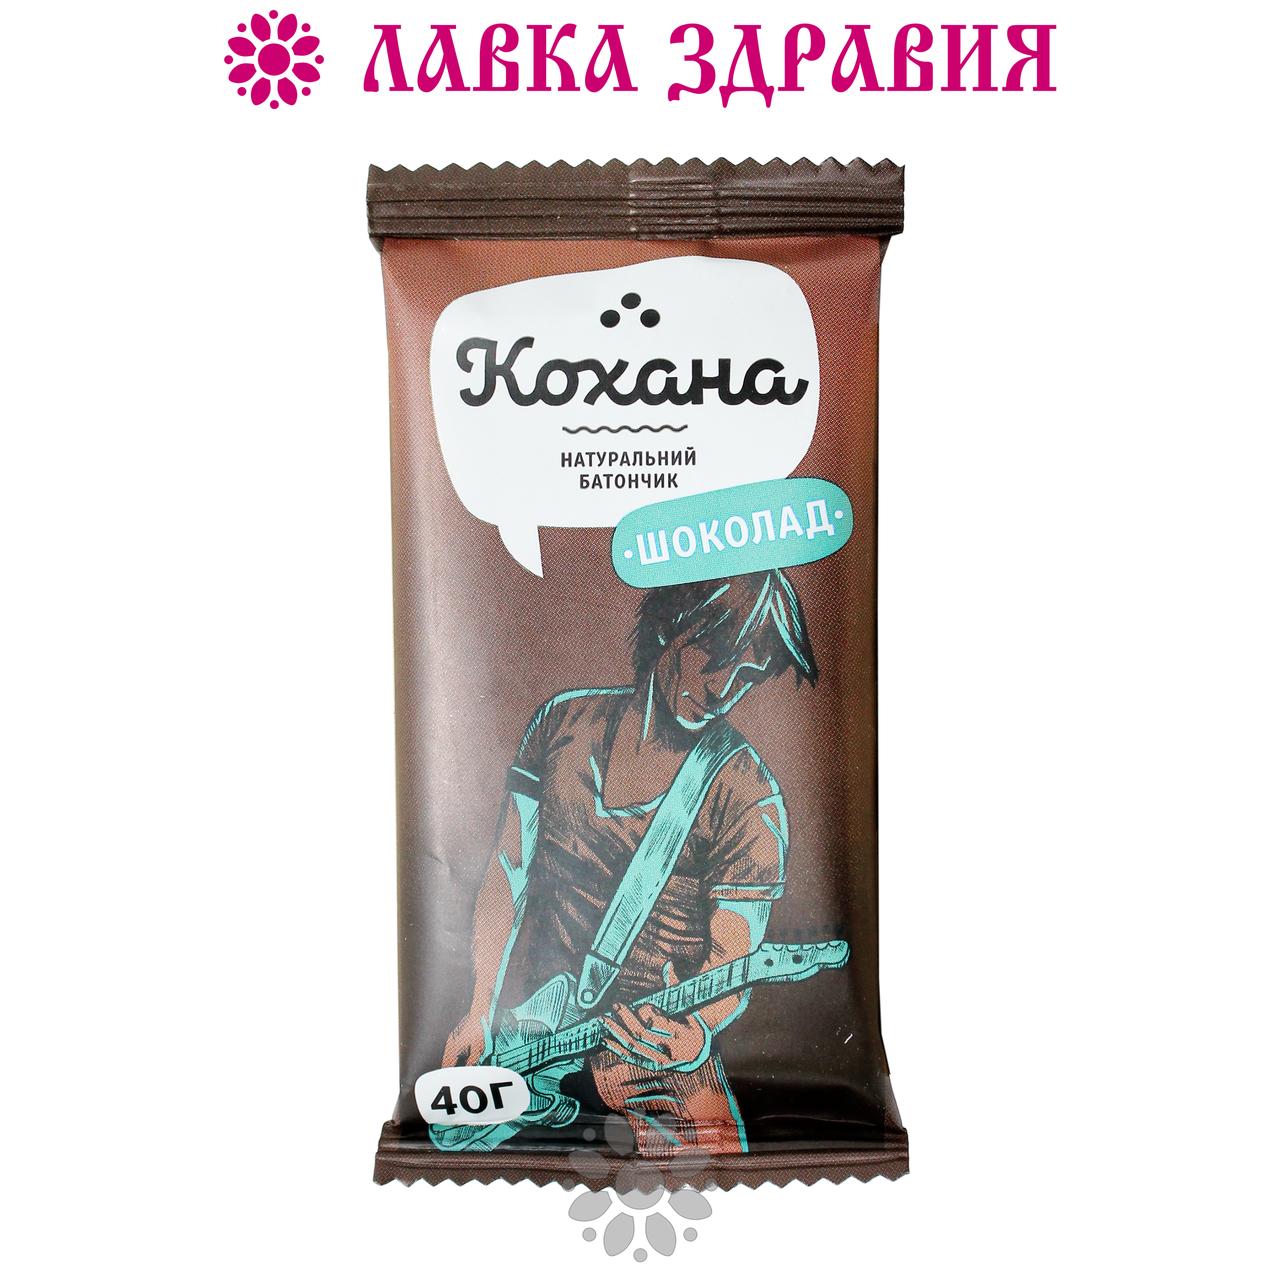 Батончик шоколад, 40 г, Кохана